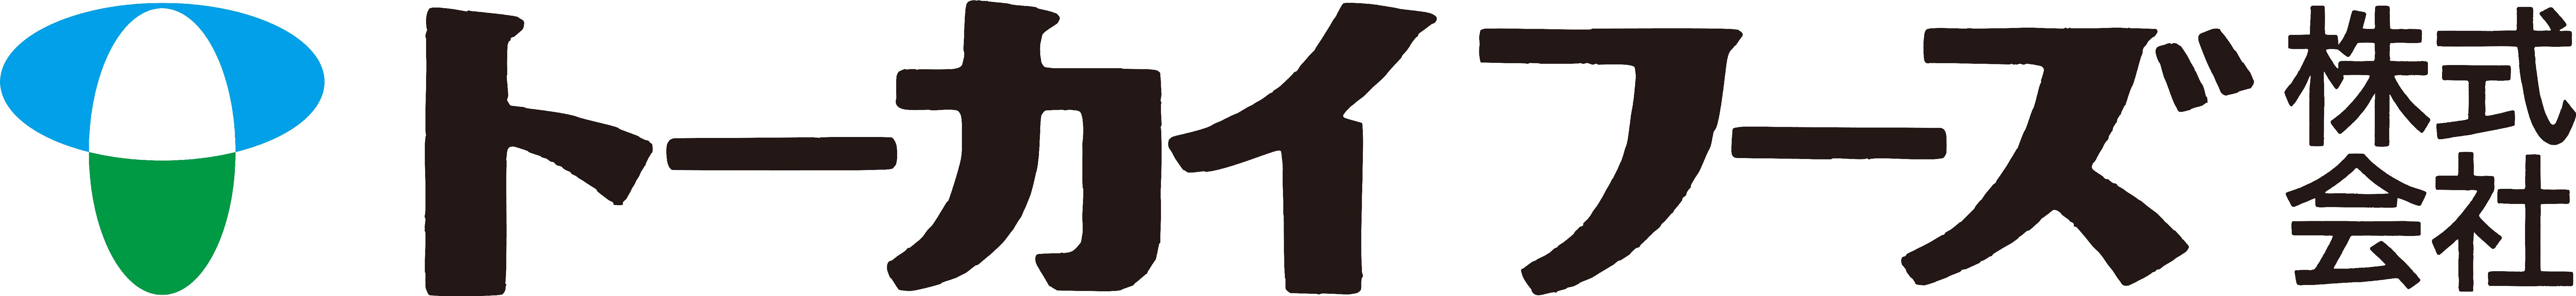 トーカイフーズ株式会社